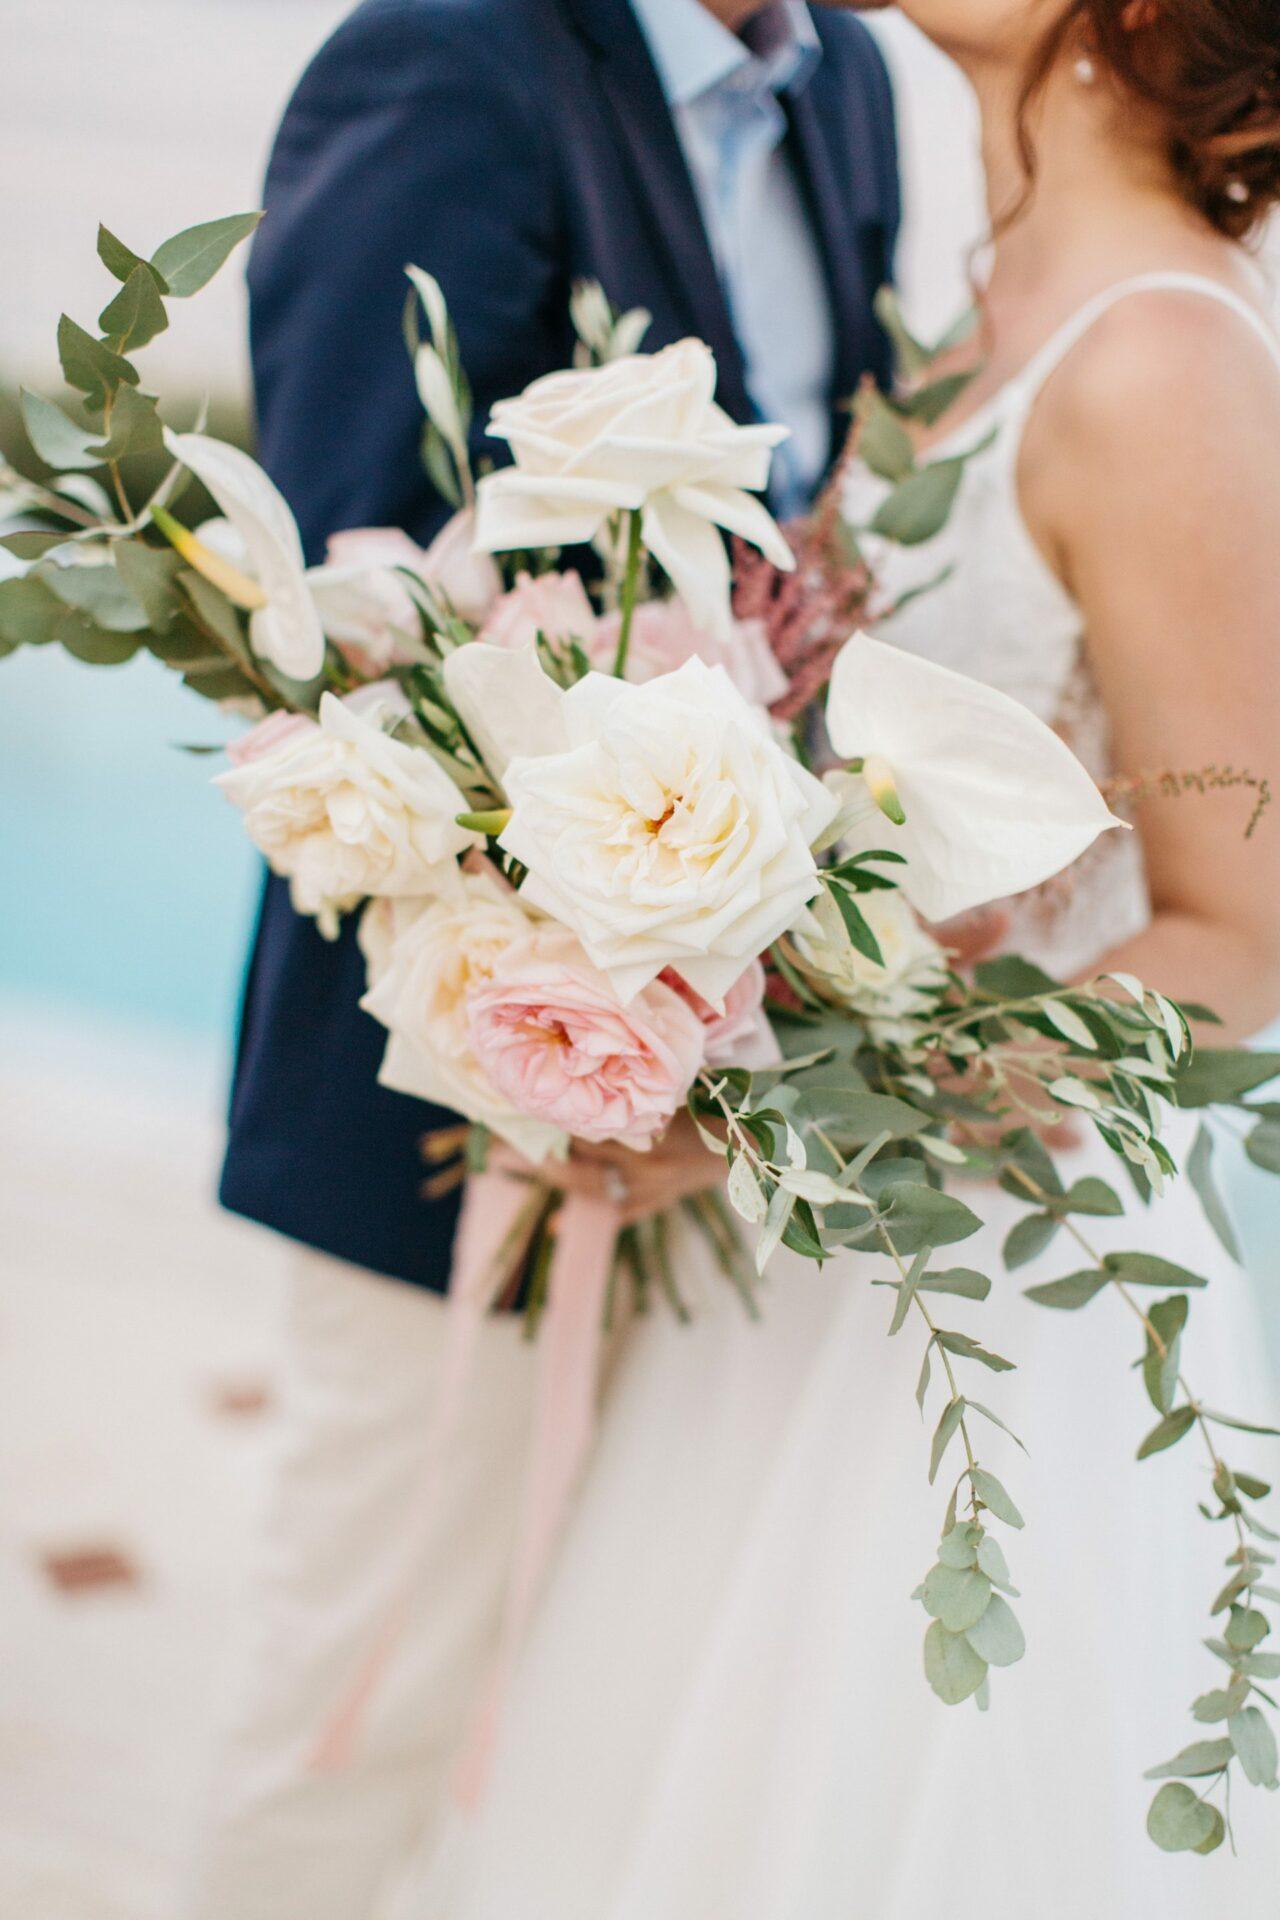 LF 0056 - Mon Studio de Stylisme Floral - Wedding planner - Organisation de Mariage en France, au Luxembourg, en italie, en provence, à la montagne